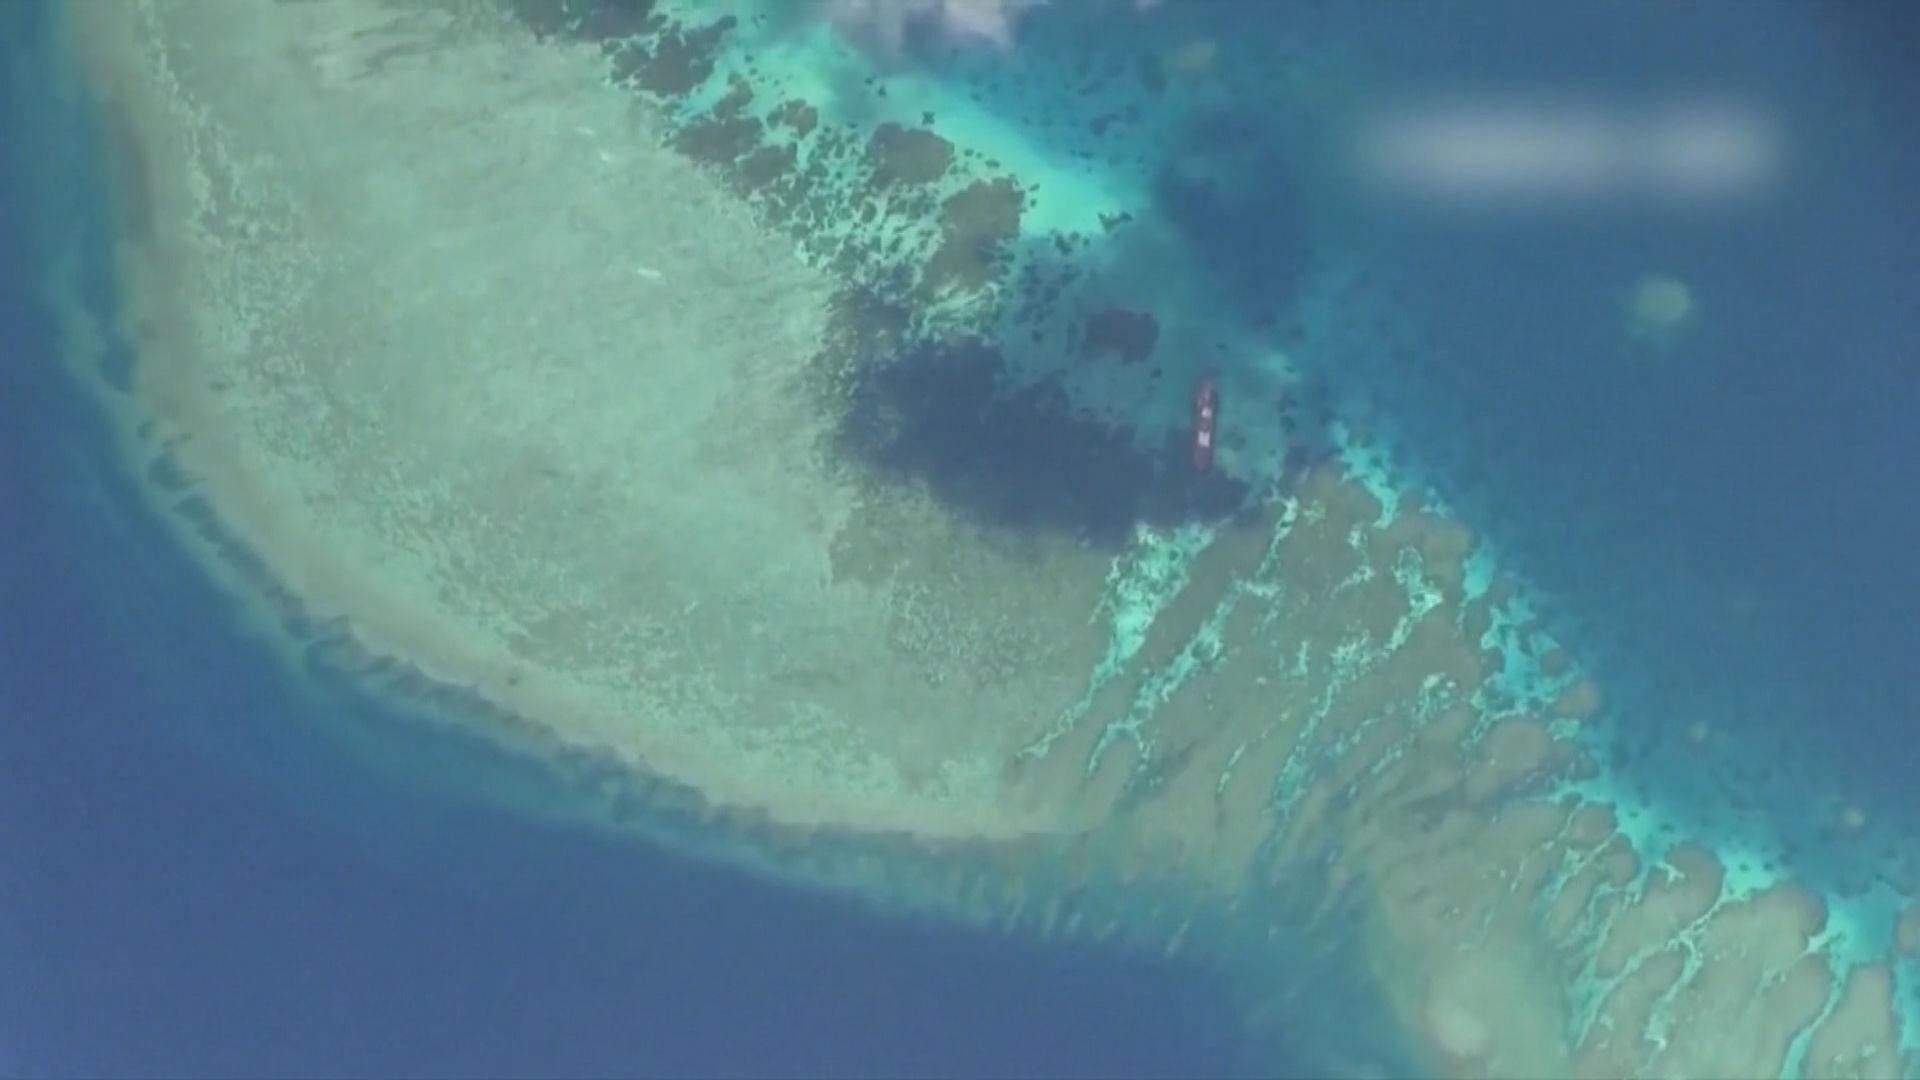 耿爽:中國對南沙群島擁有主權